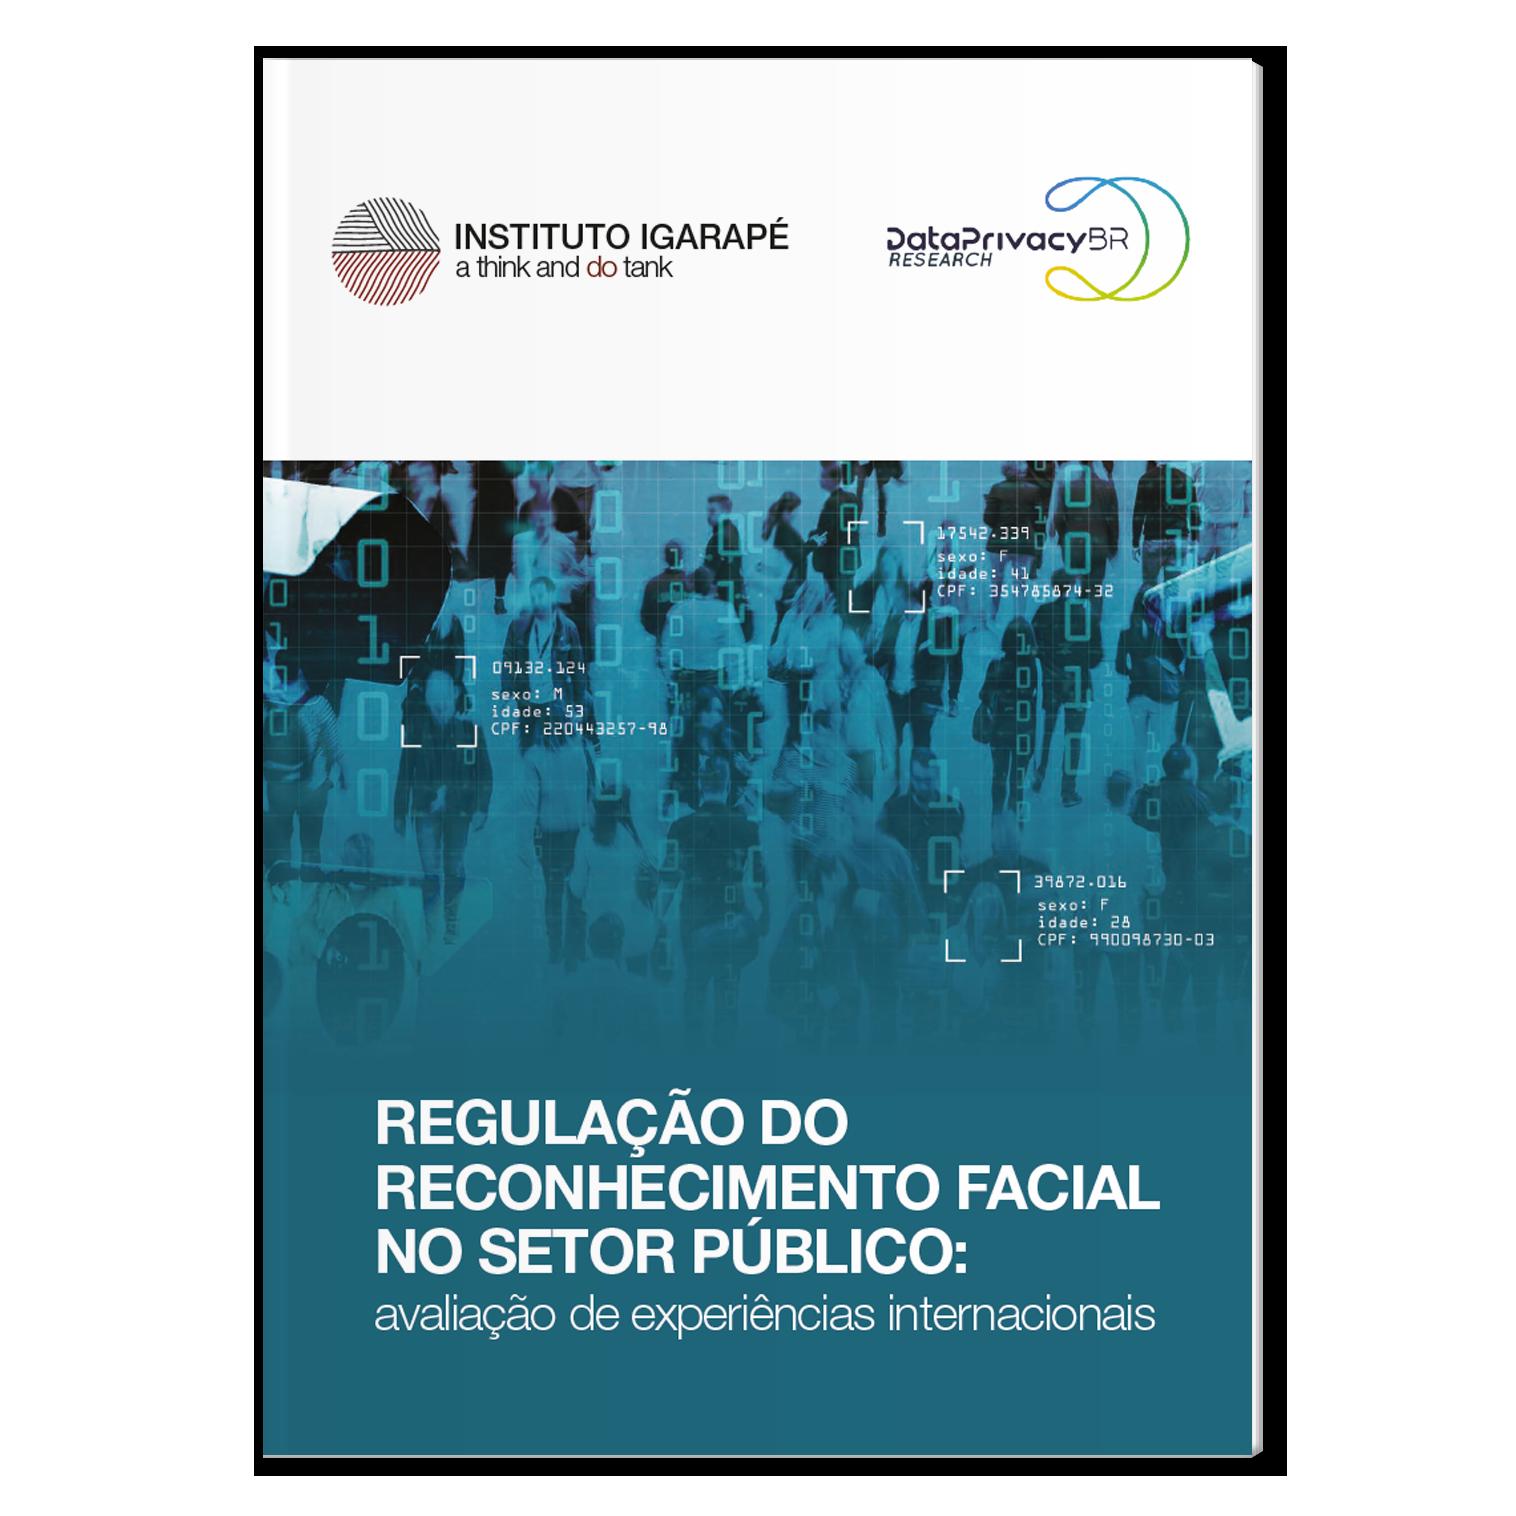 Regulacao reconhecimento Facial